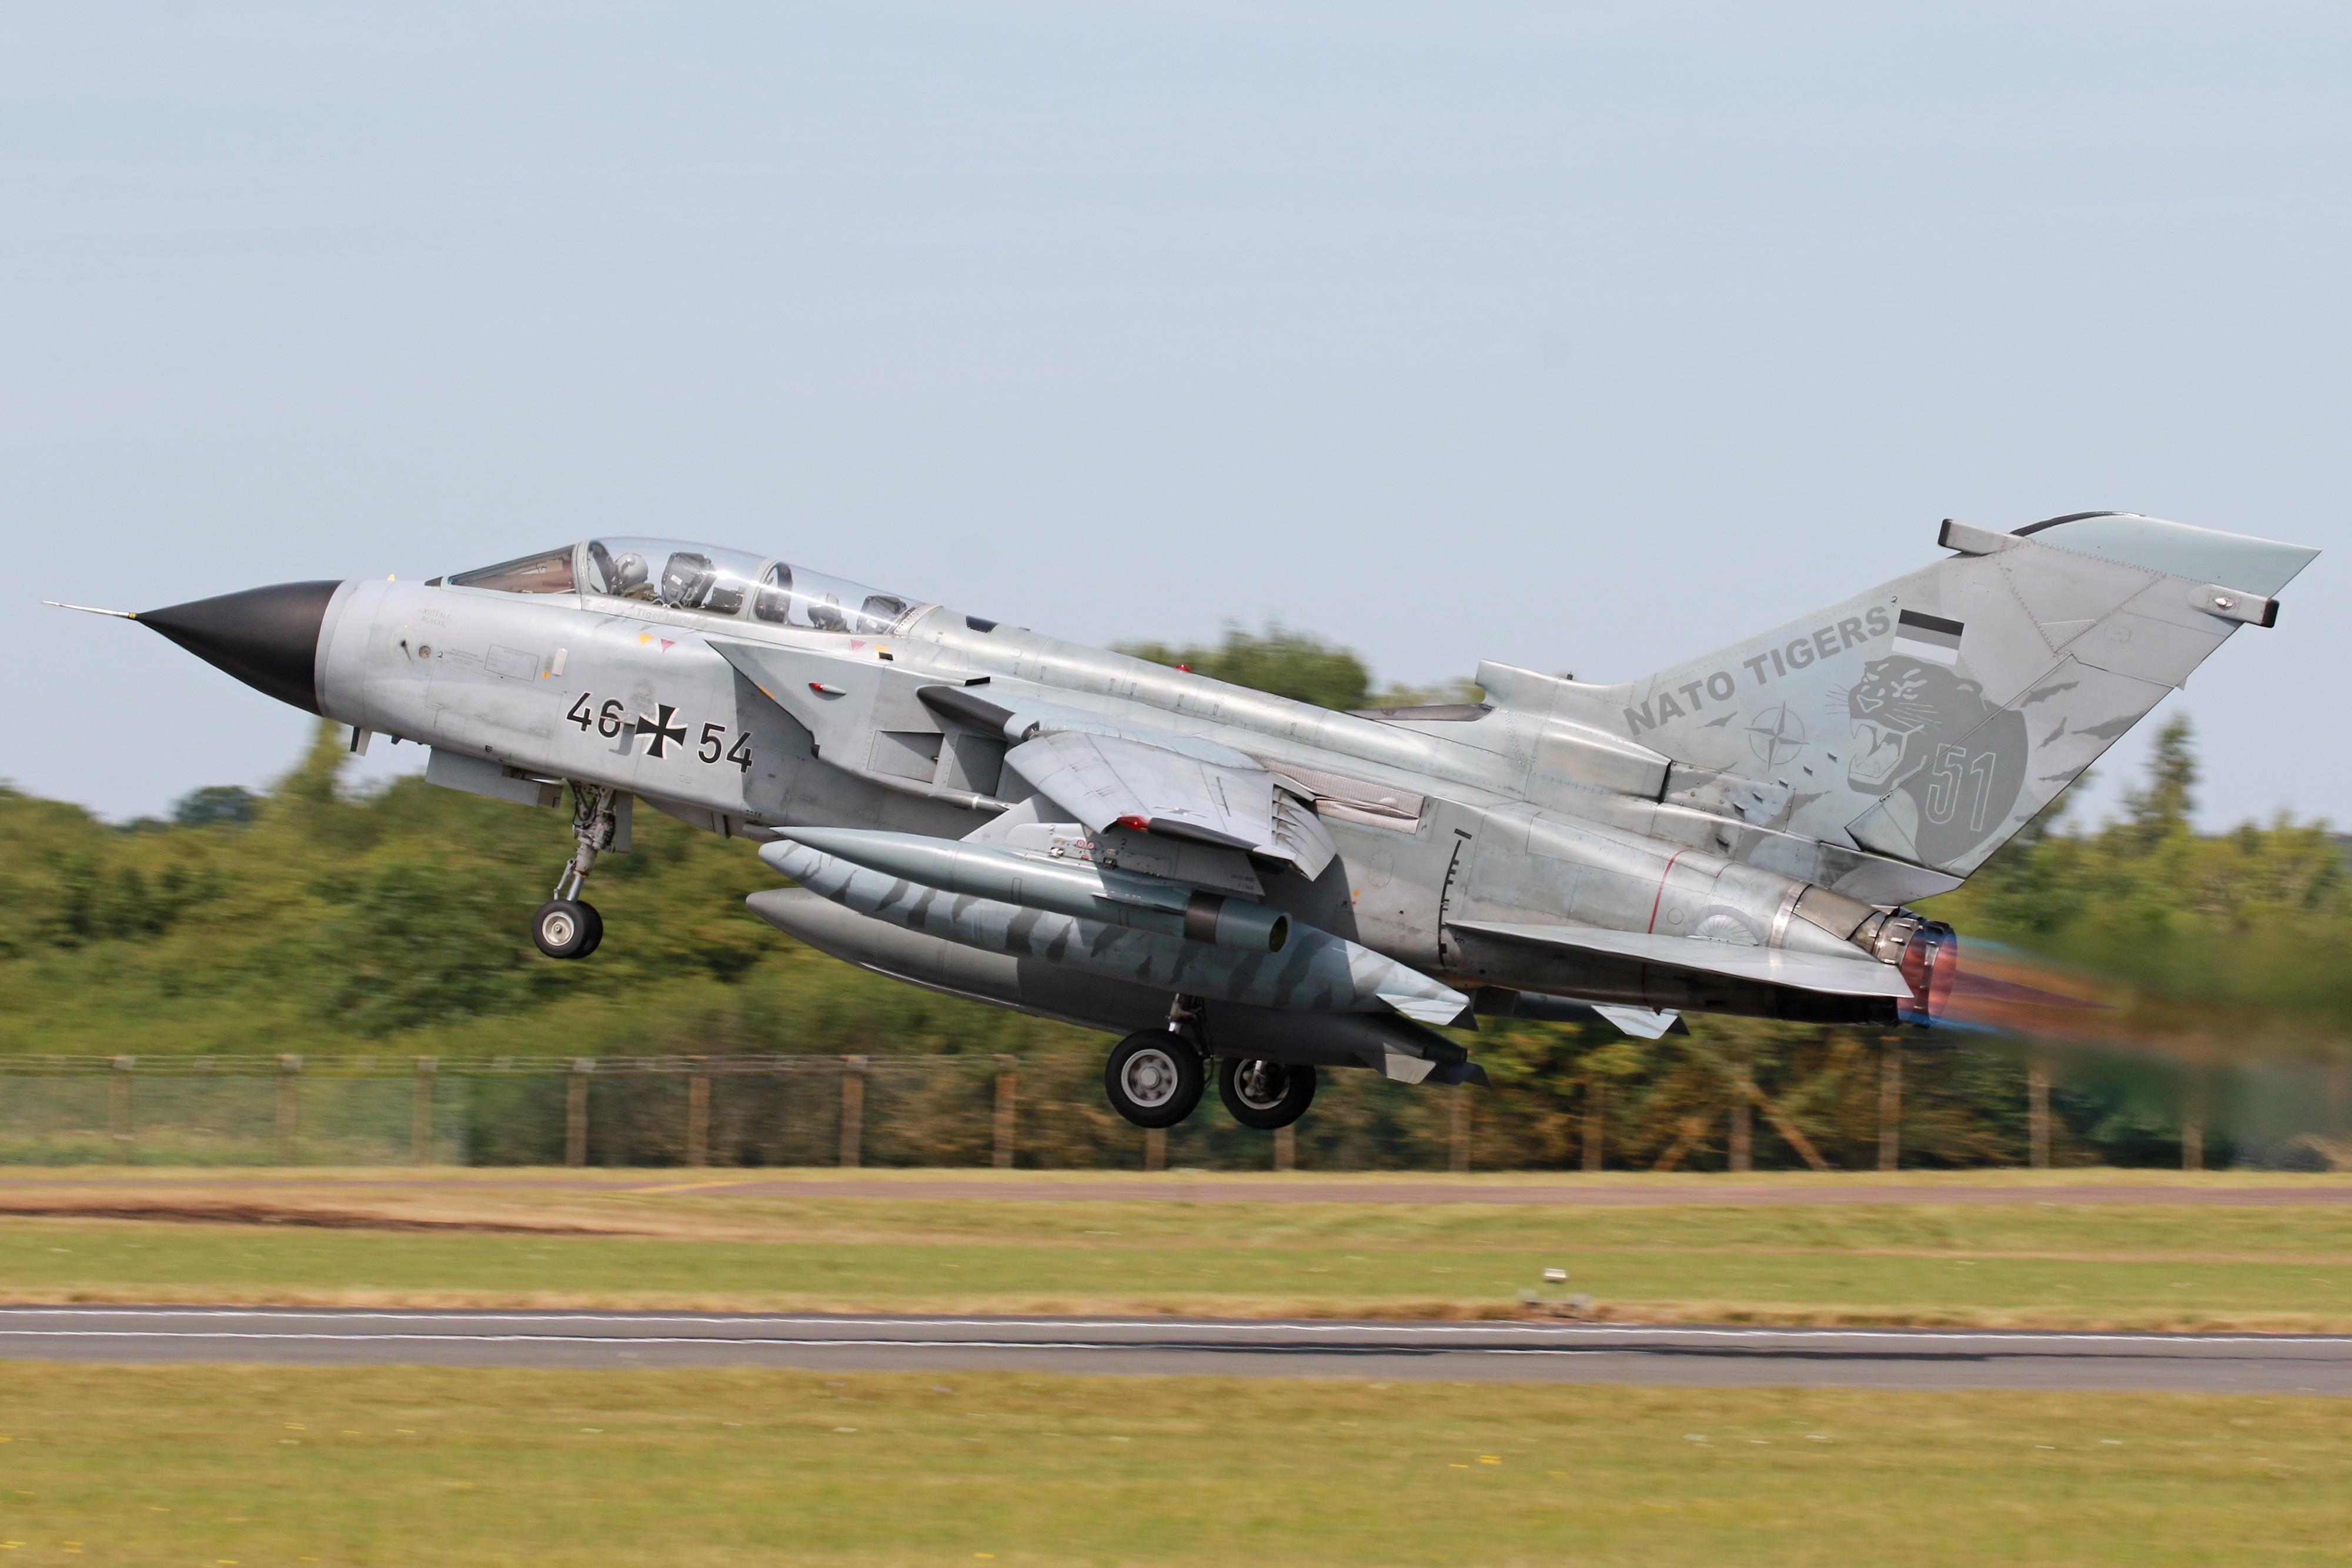 RIAT 2017 Departures, RAF Fairford  –  Part 3